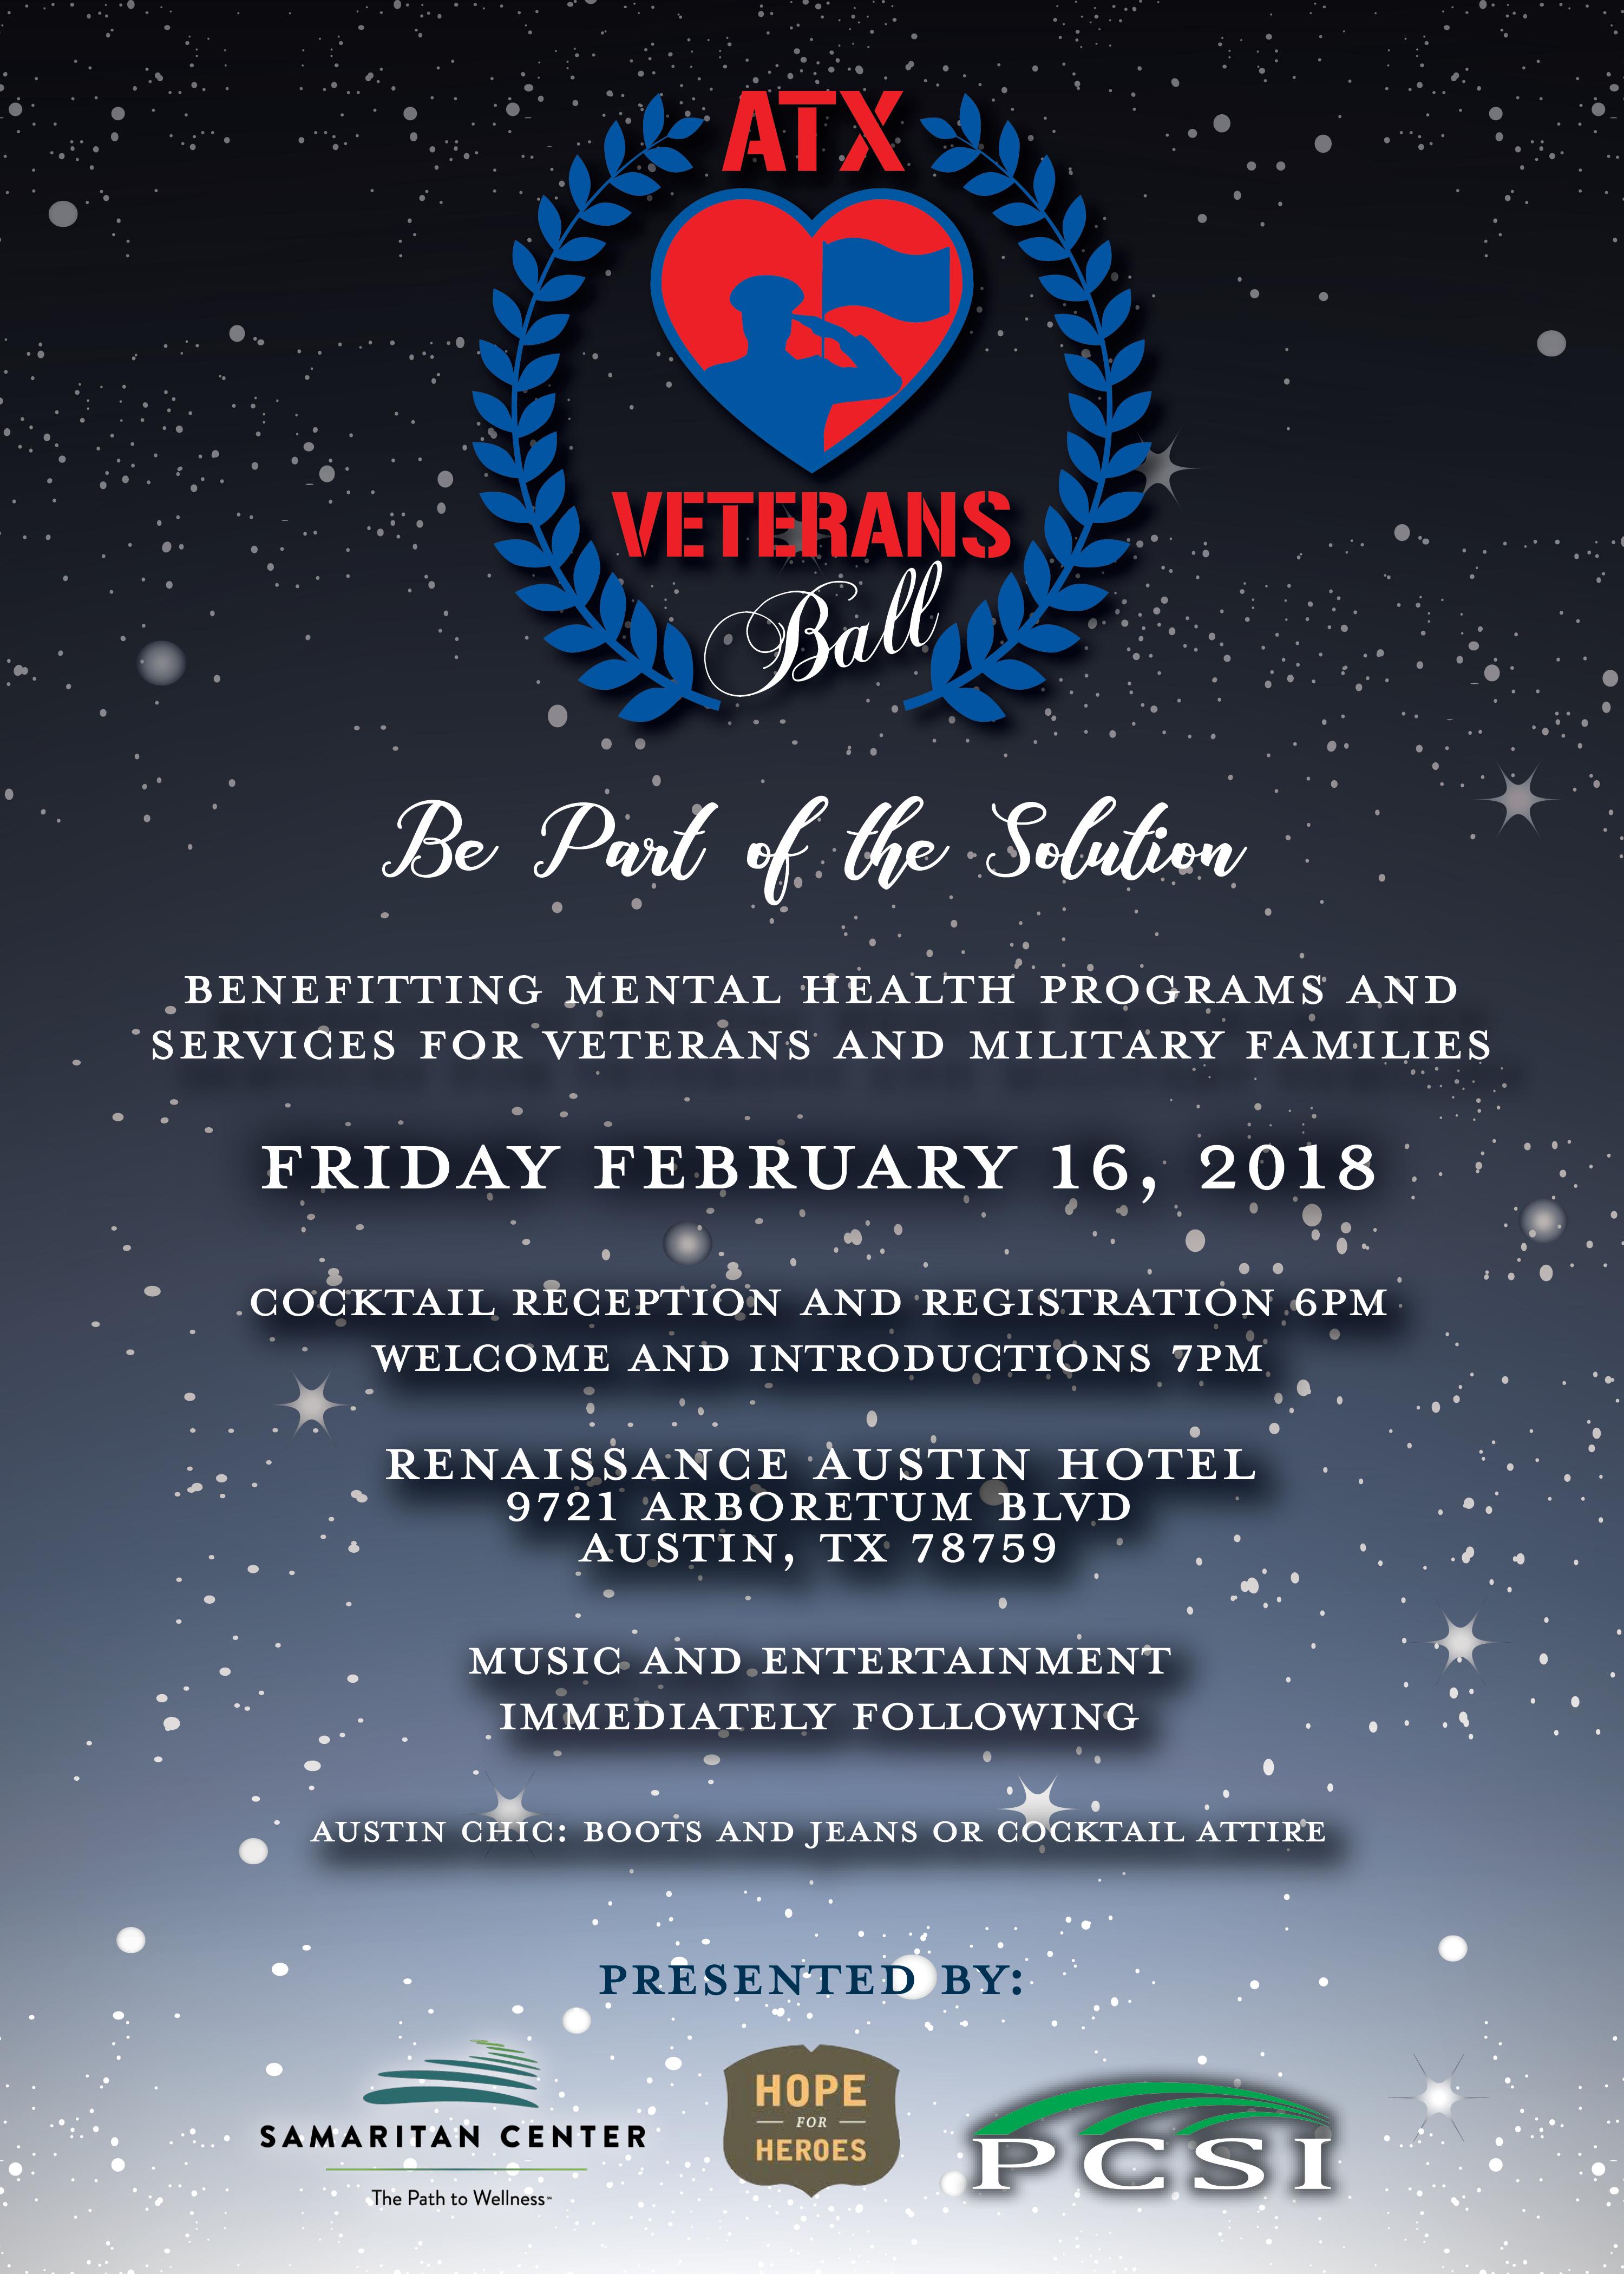 Samaritan Center 2018 ATX Veterans Ball